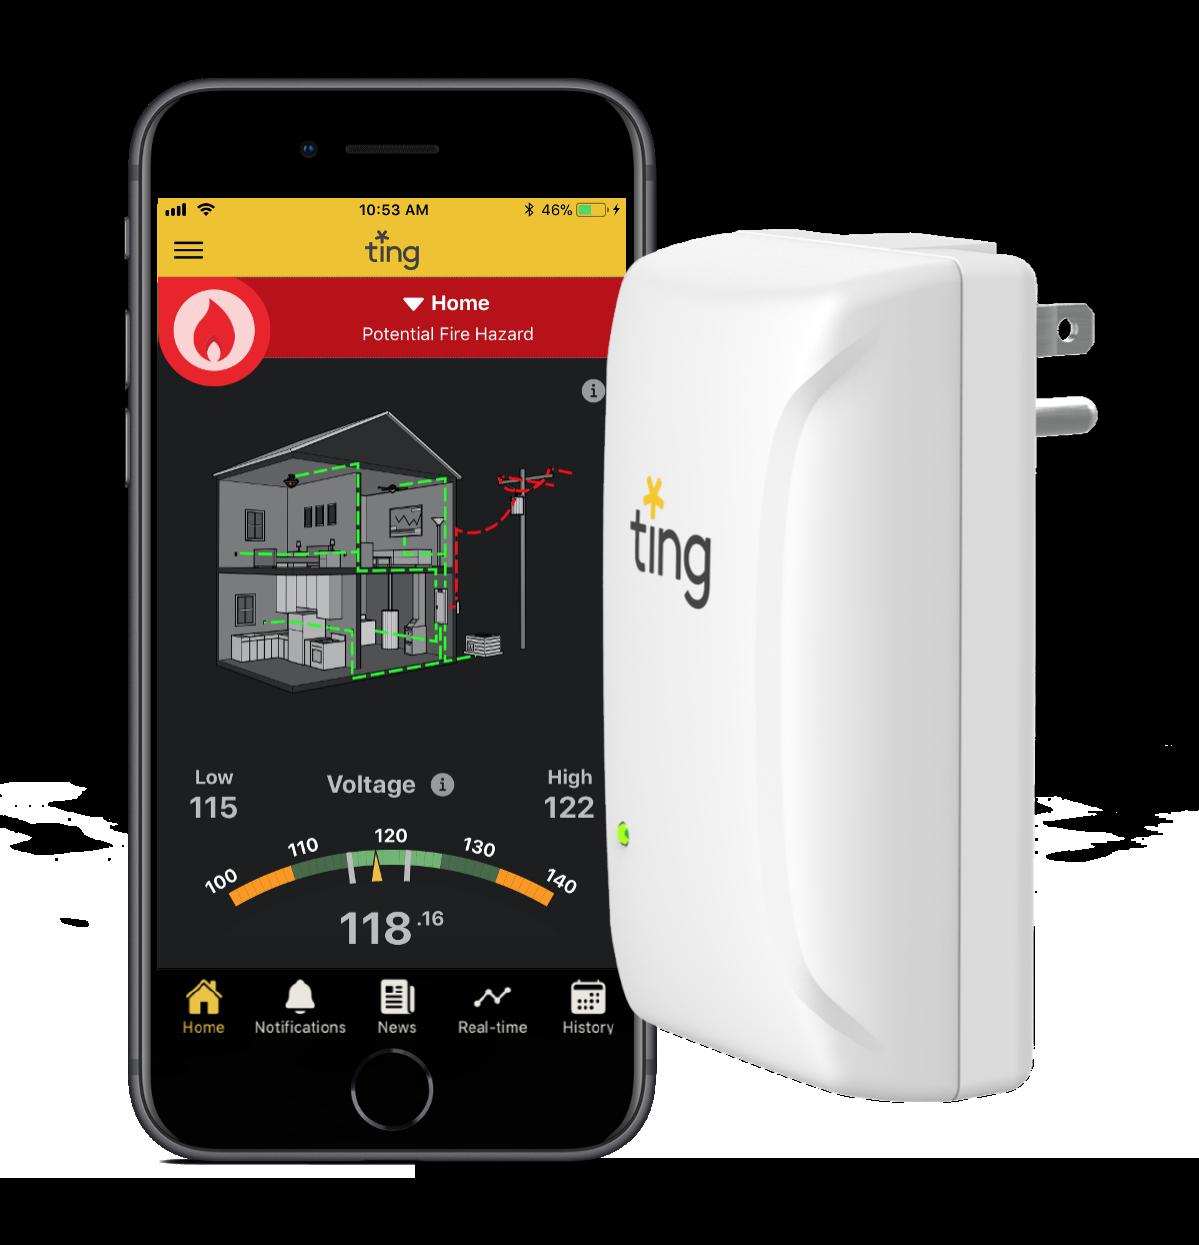 ting app and sensor